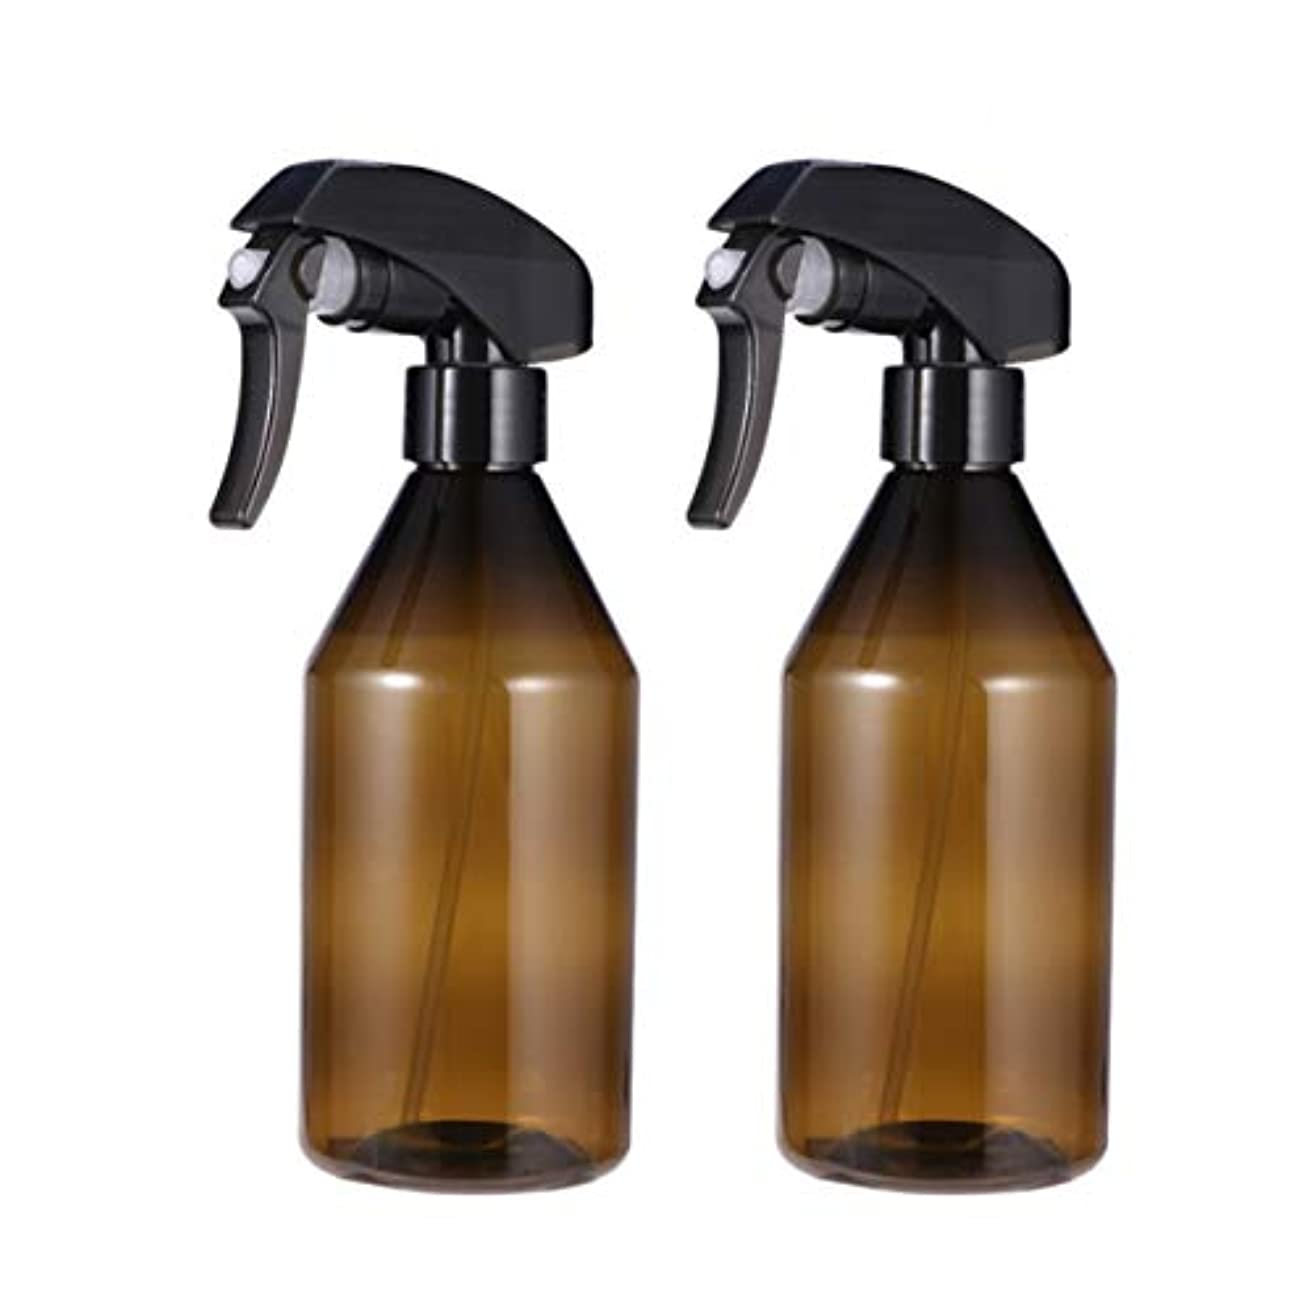 振り子殺しますループFrcolor スプレーボトル 遮光スプレー 霧吹き プラスチック製 300ml 詰め替え容器 ハンドスプレー 細かいミスト多機能 家庭用 保湿スプレー 植物水やり 便利 耐久性 2本セット(茶色)